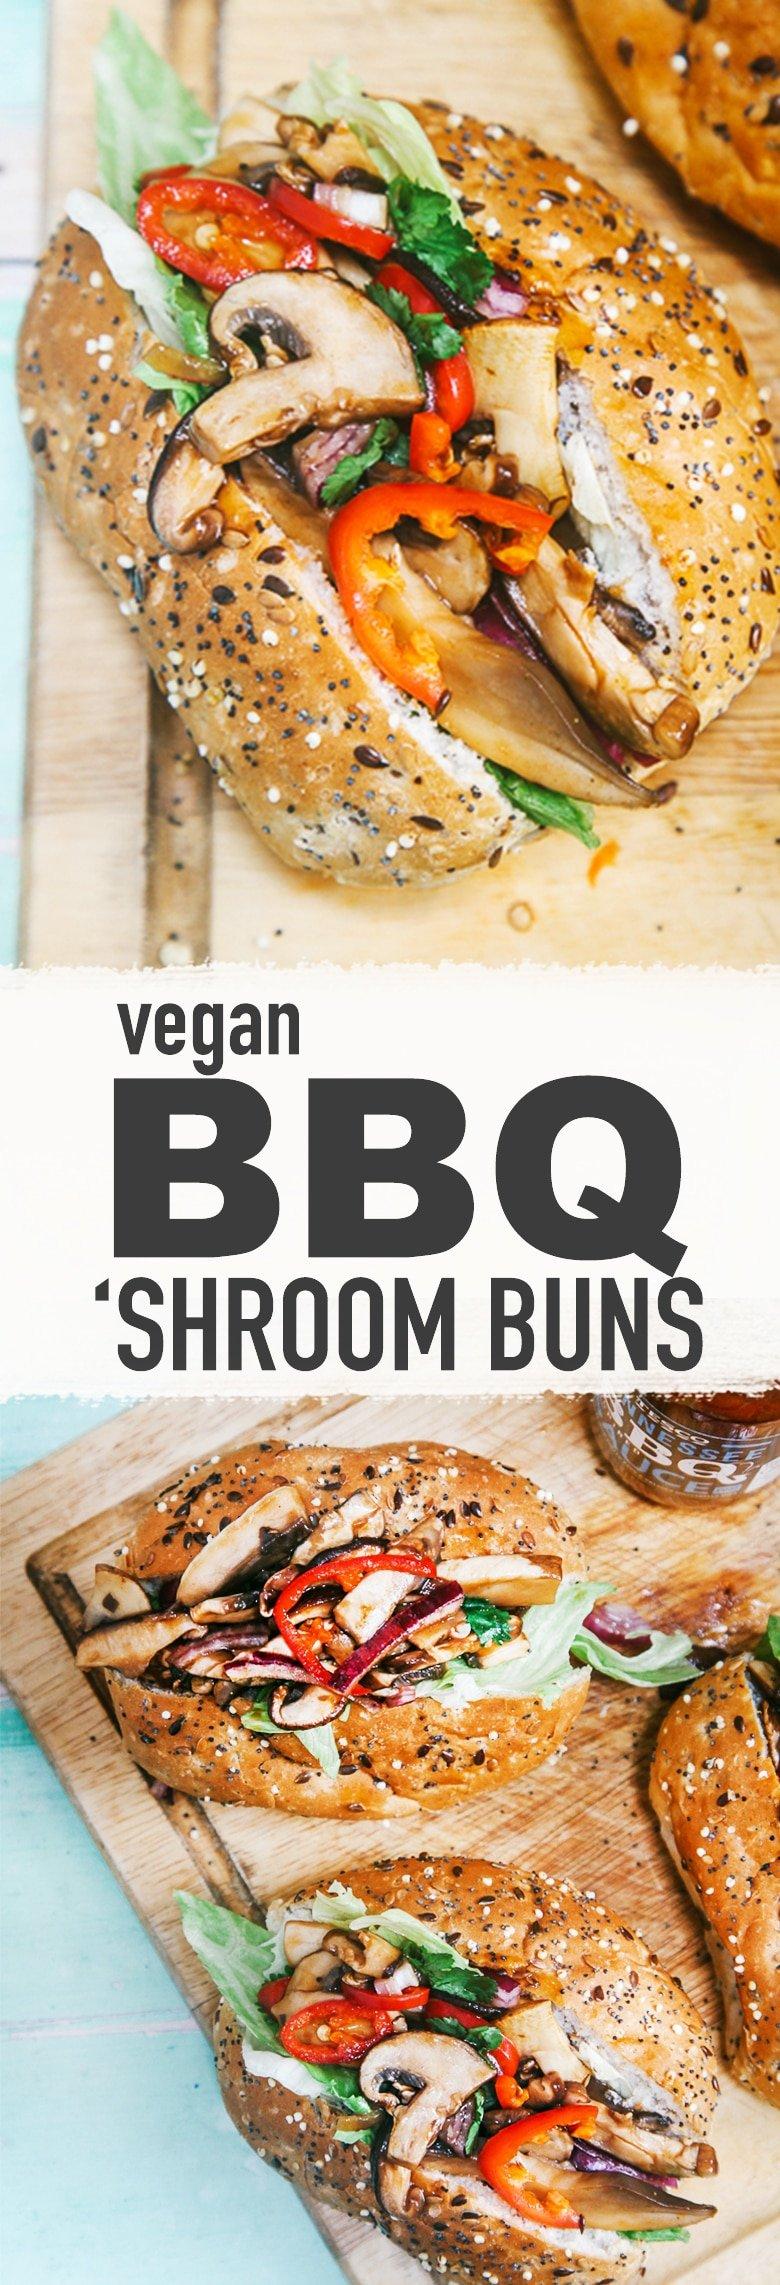 BBQ 'Shroom Buns (Vegan)